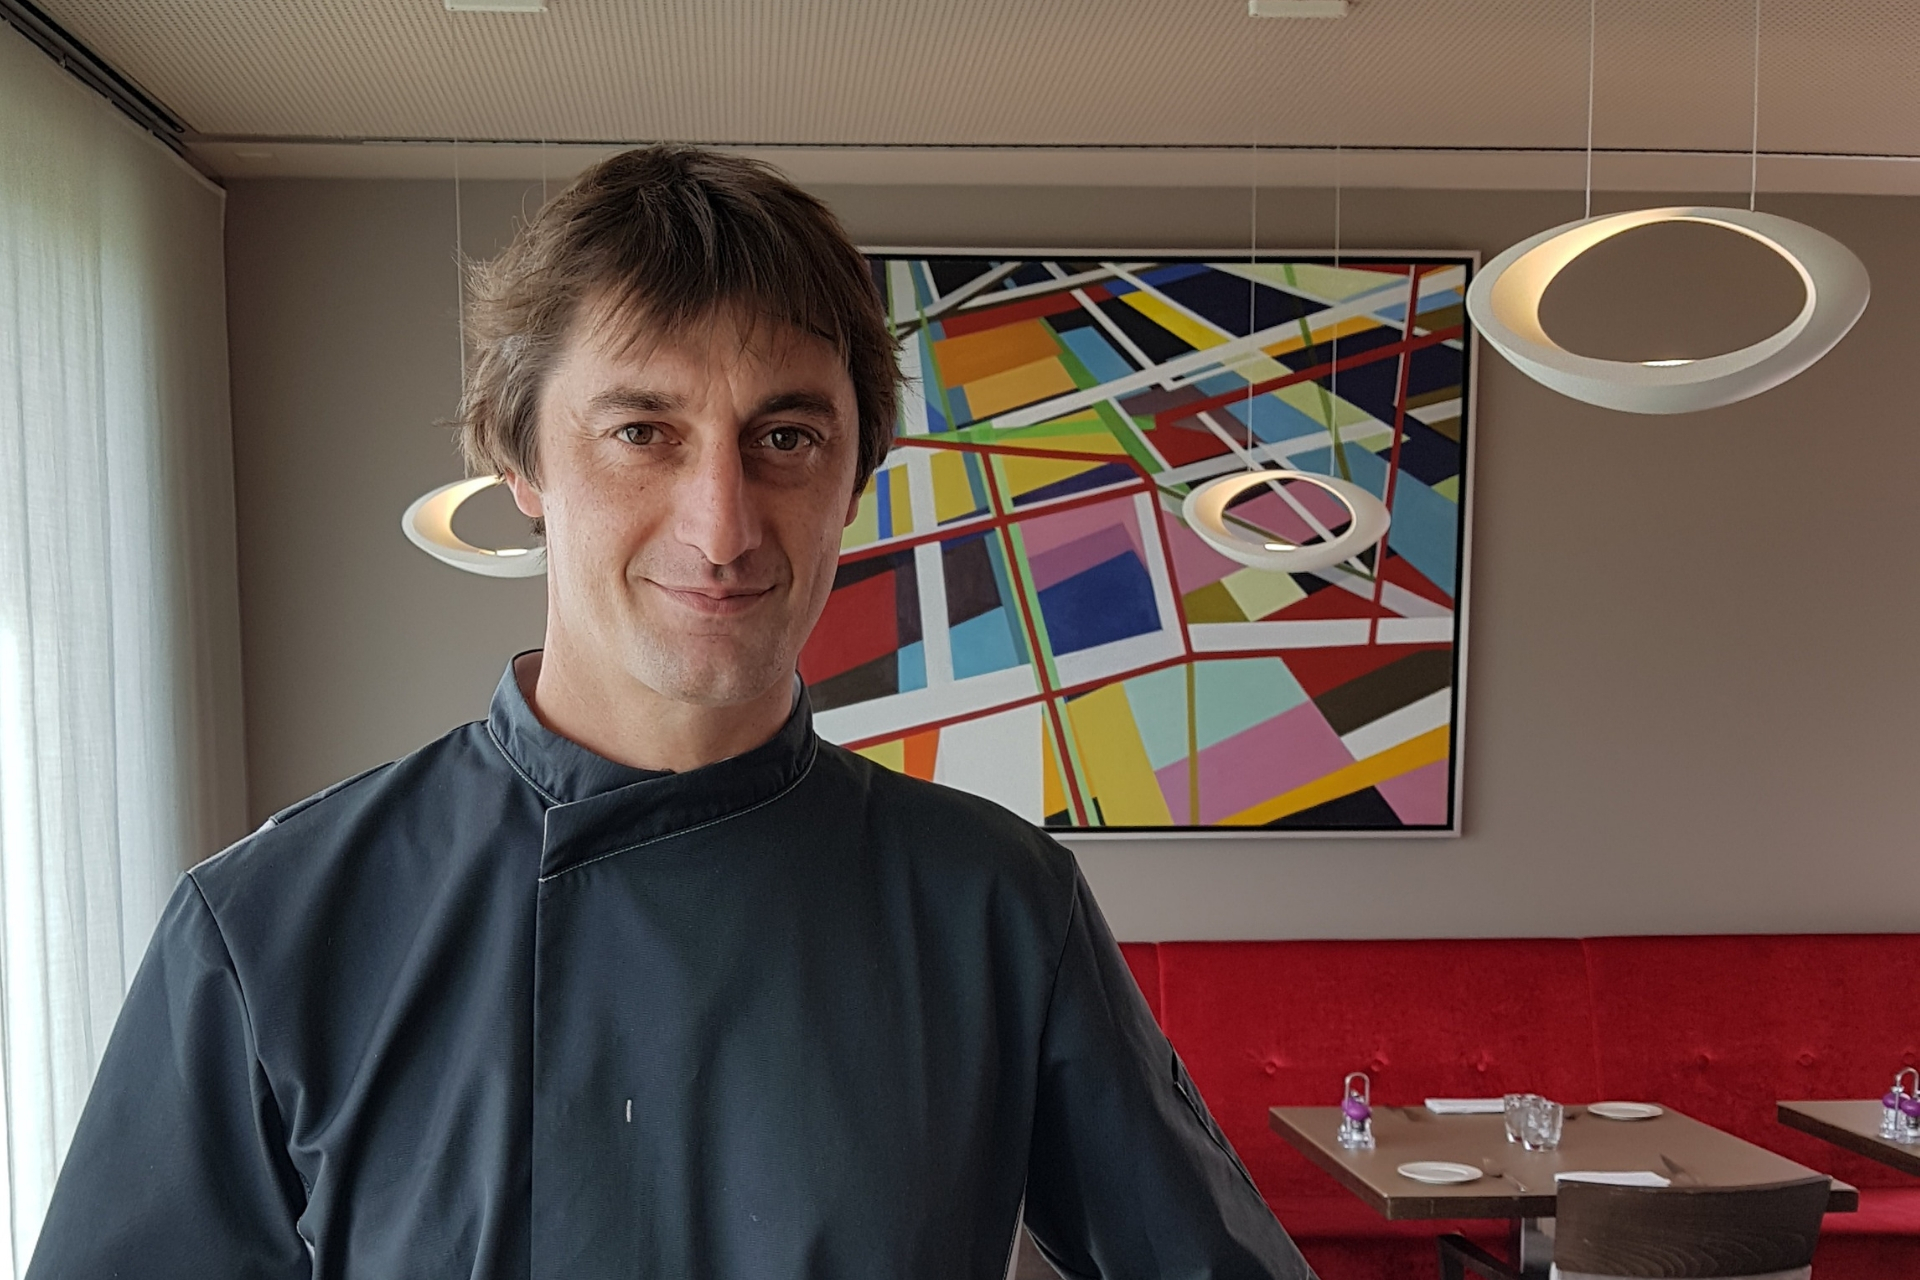 Chef Stars restaurant Tanguy Papin